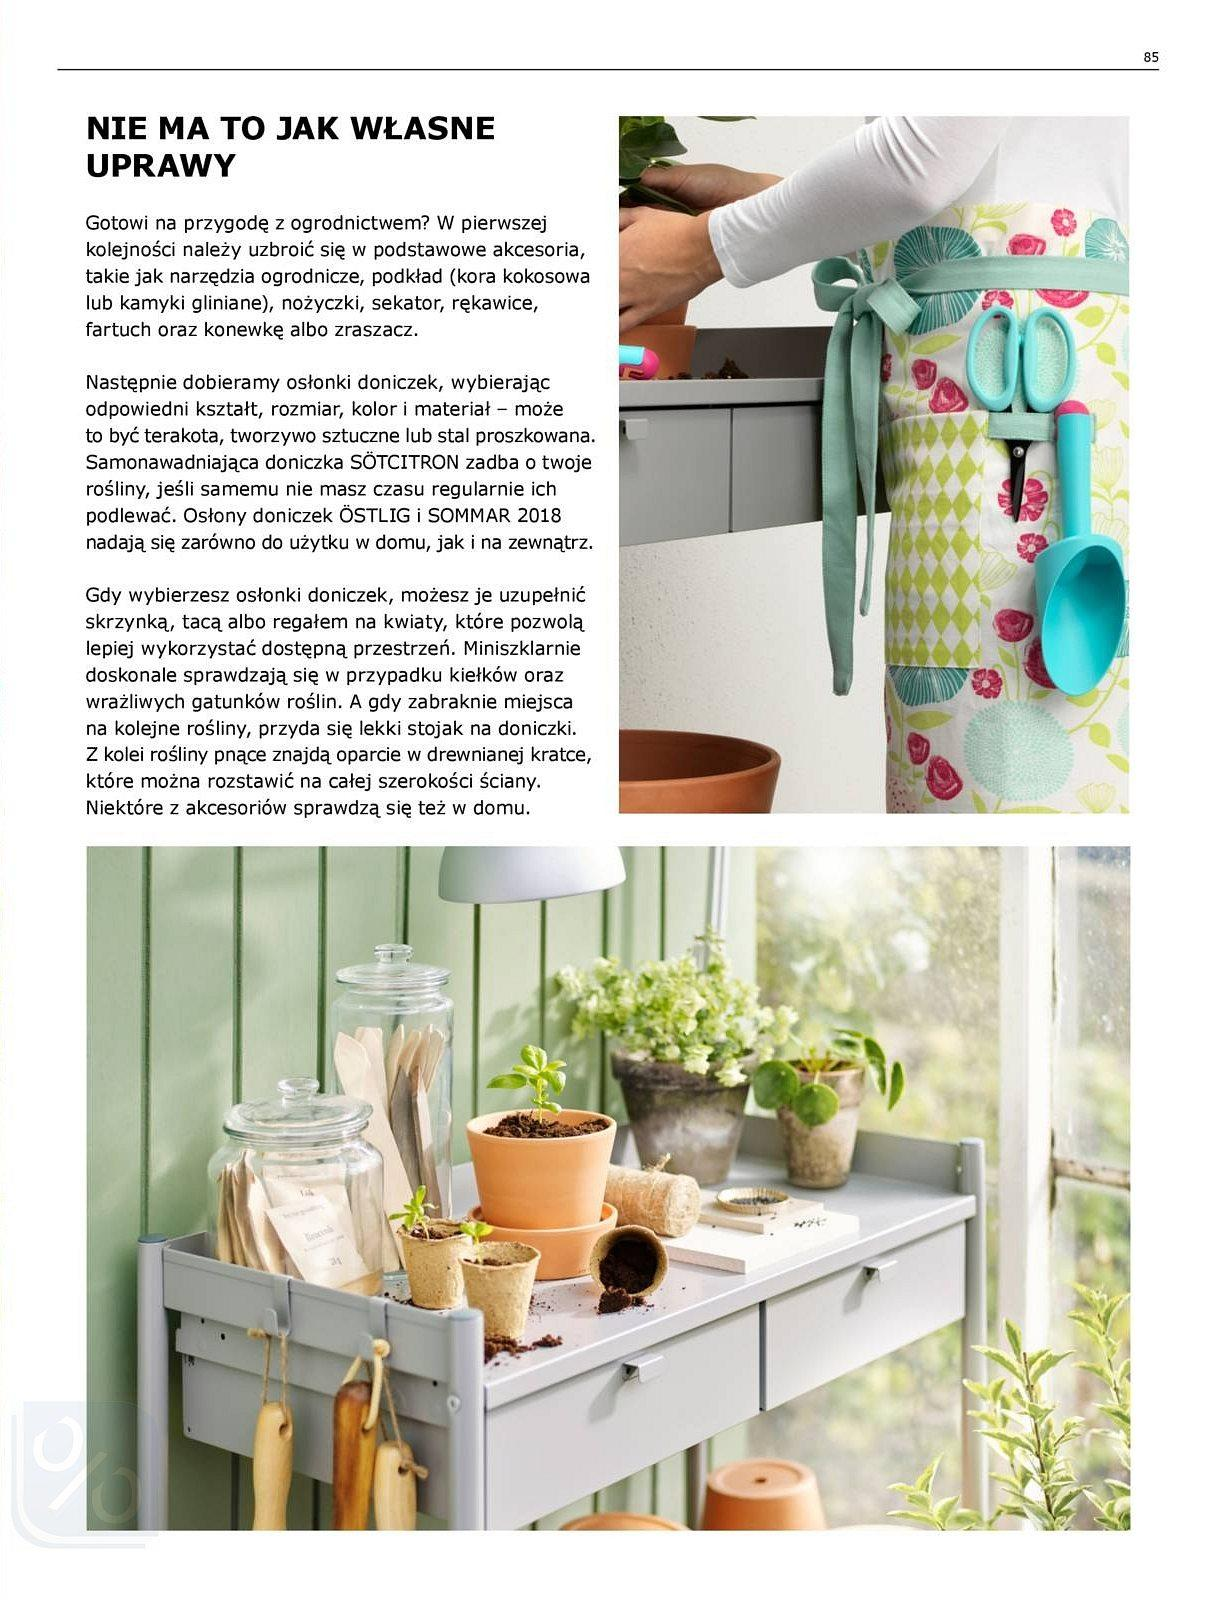 Gazetka promocyjna IKEA do 31/07/2018 str.84